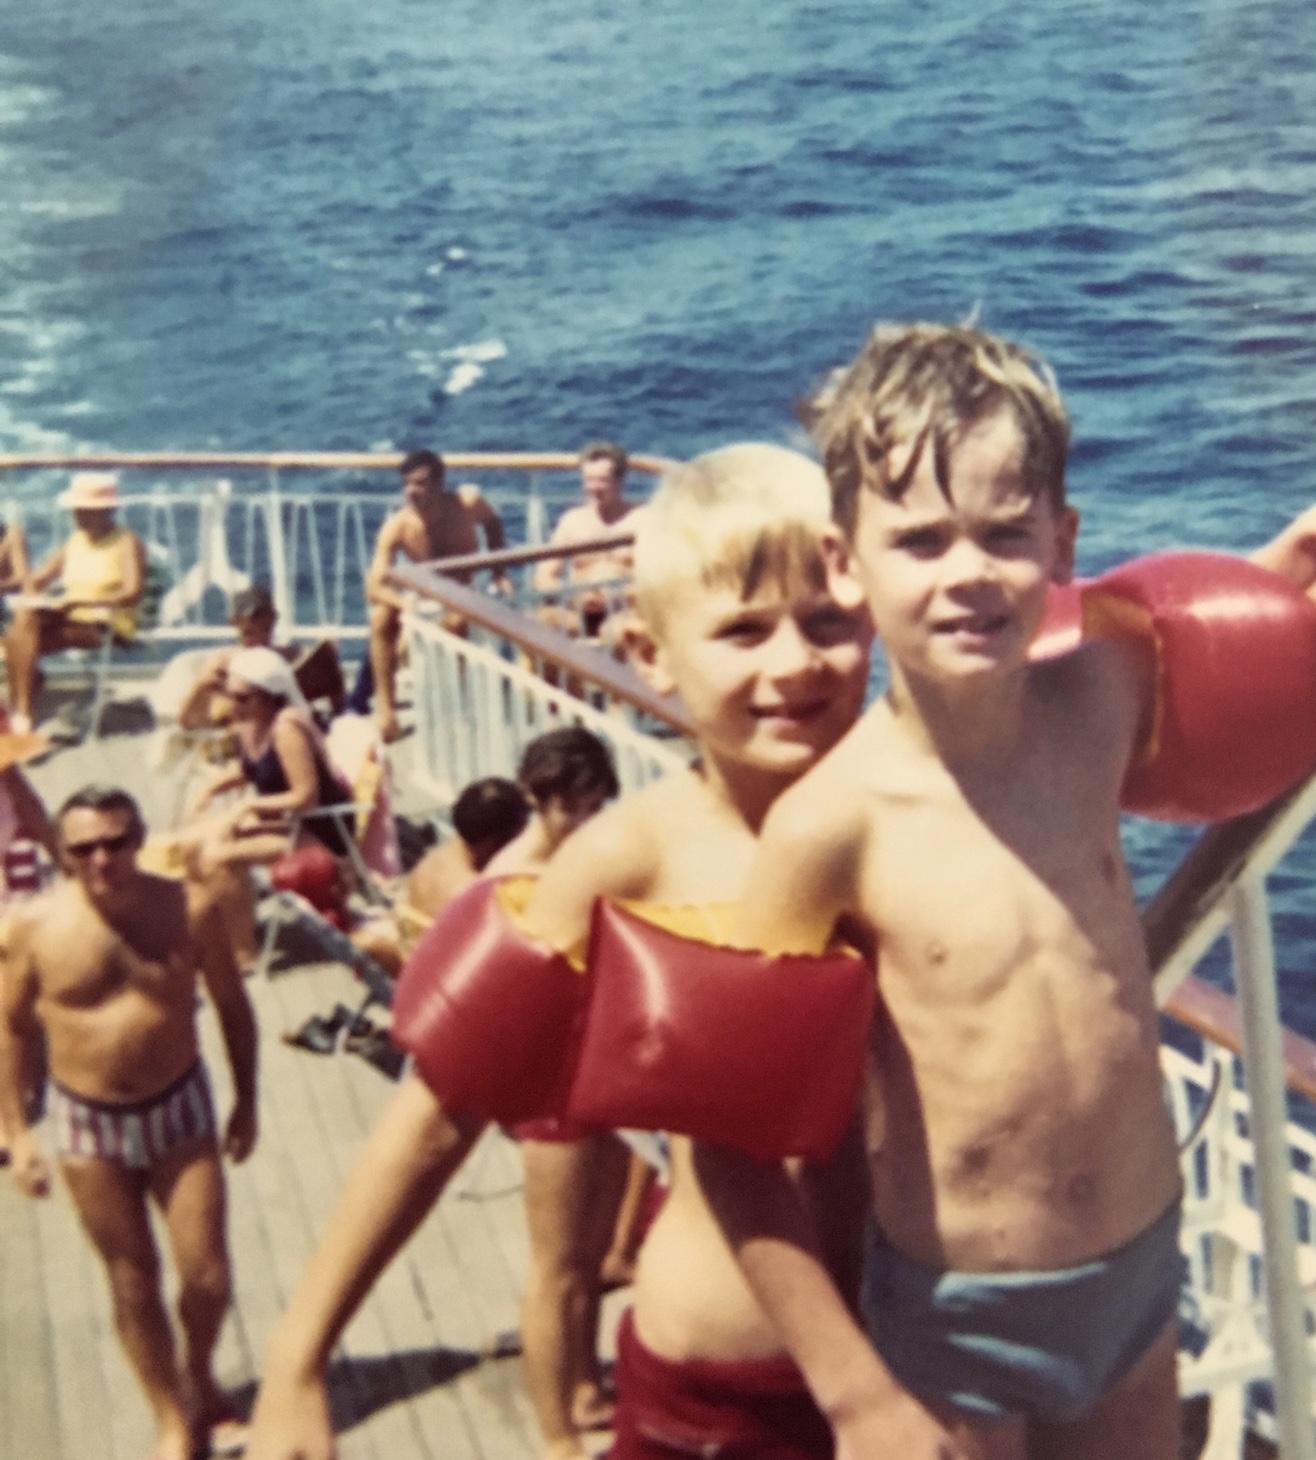 Mein Schiff Gastautor als Kind mit seinem Bruder Ulf (c) Frank Behrendt